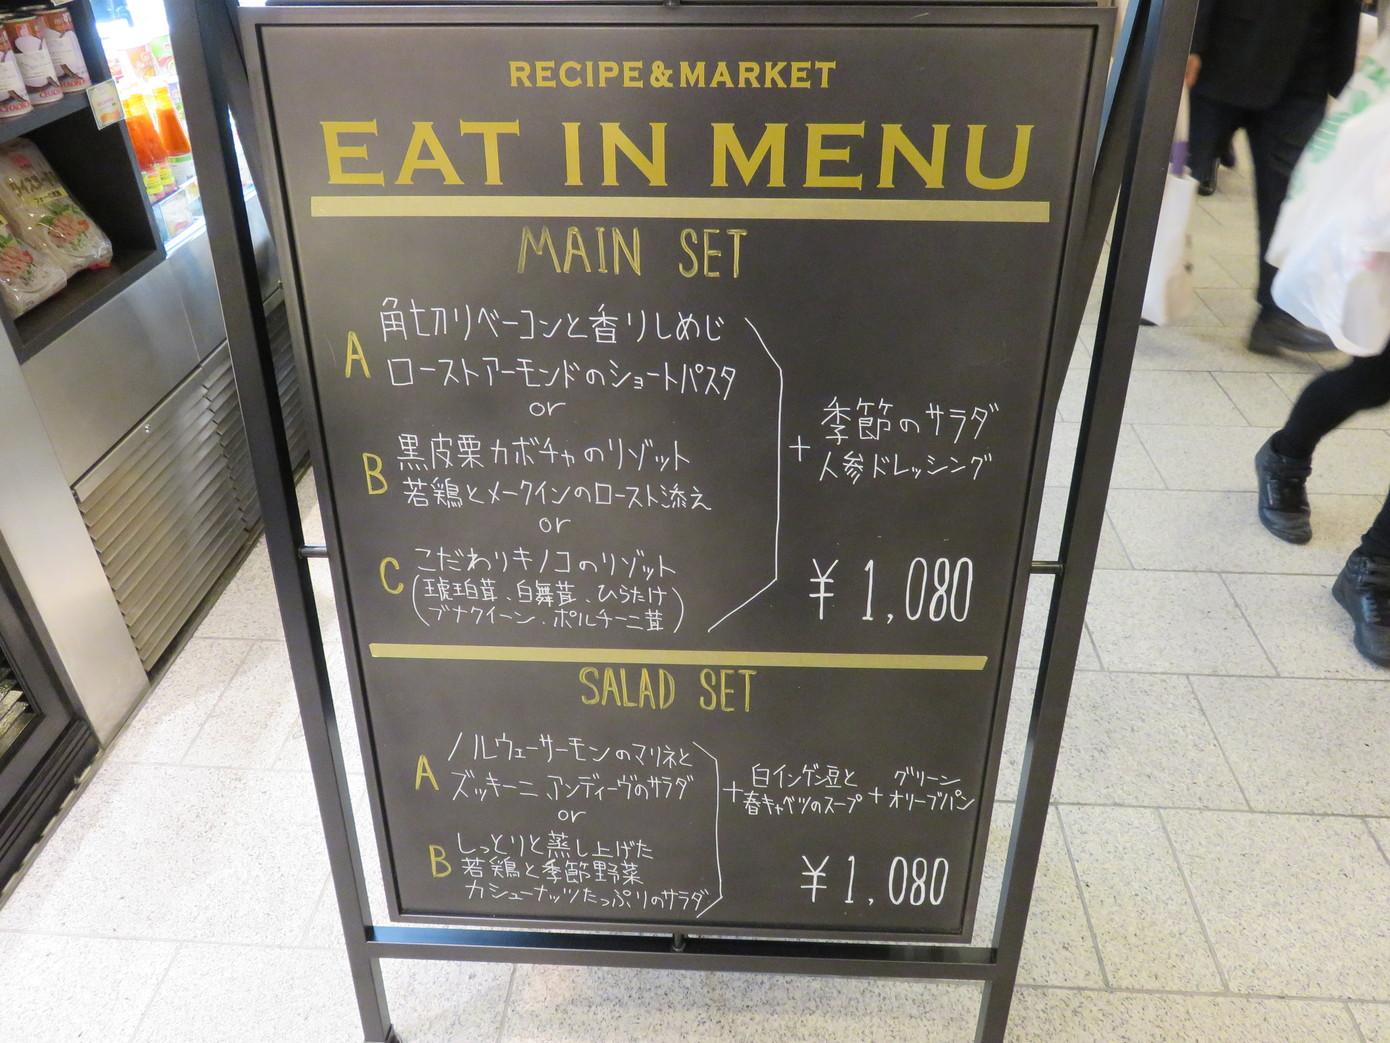 レシピ& マーケット 東京ミッドタウン店